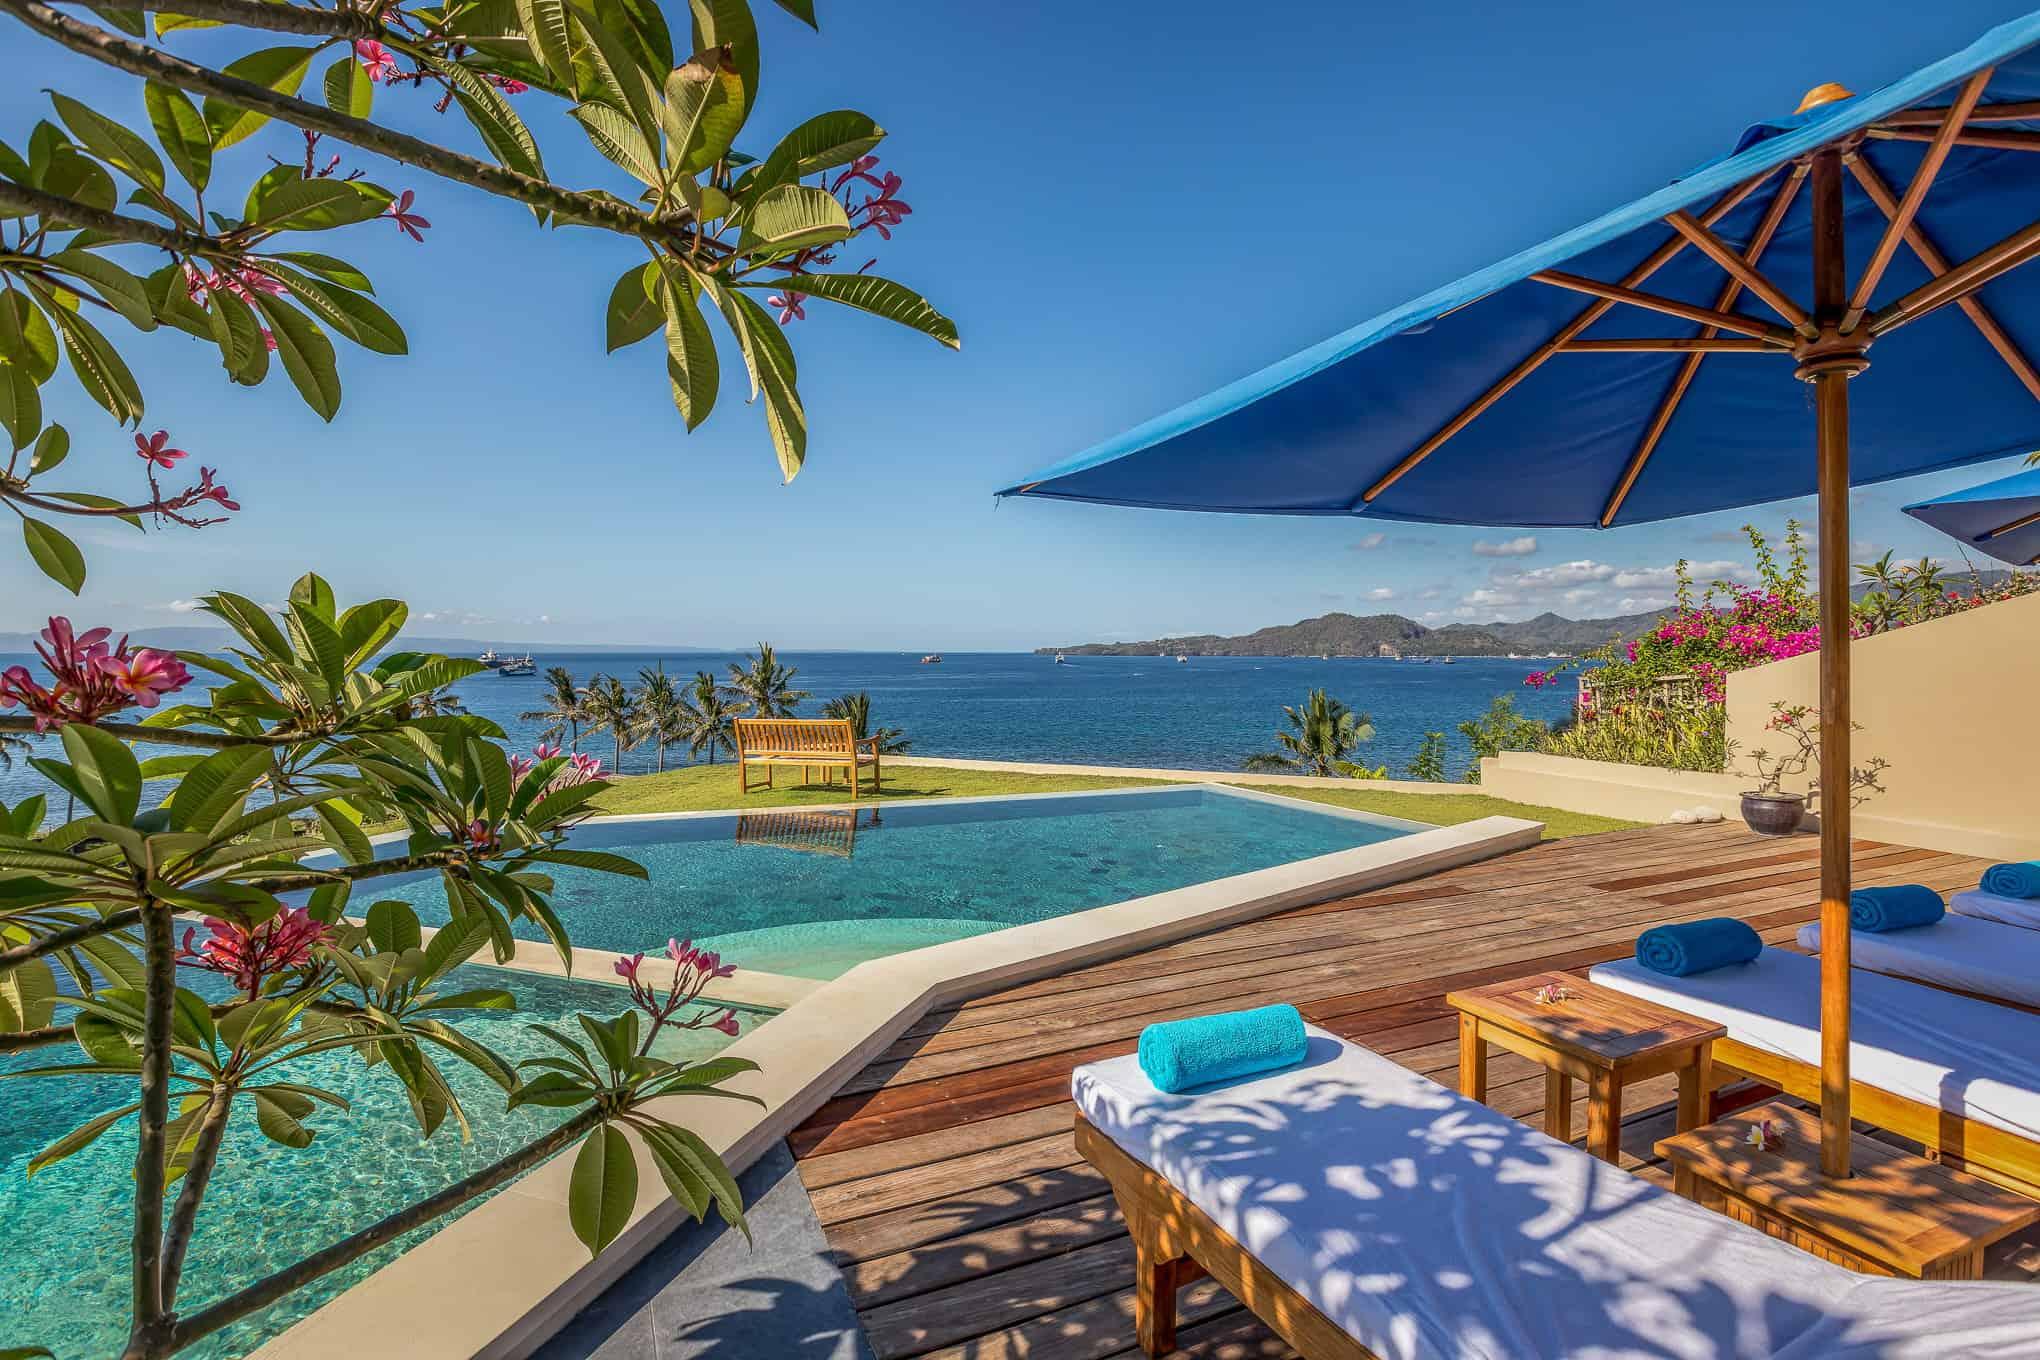 villa-aamisha-bali-vacation-homes-01